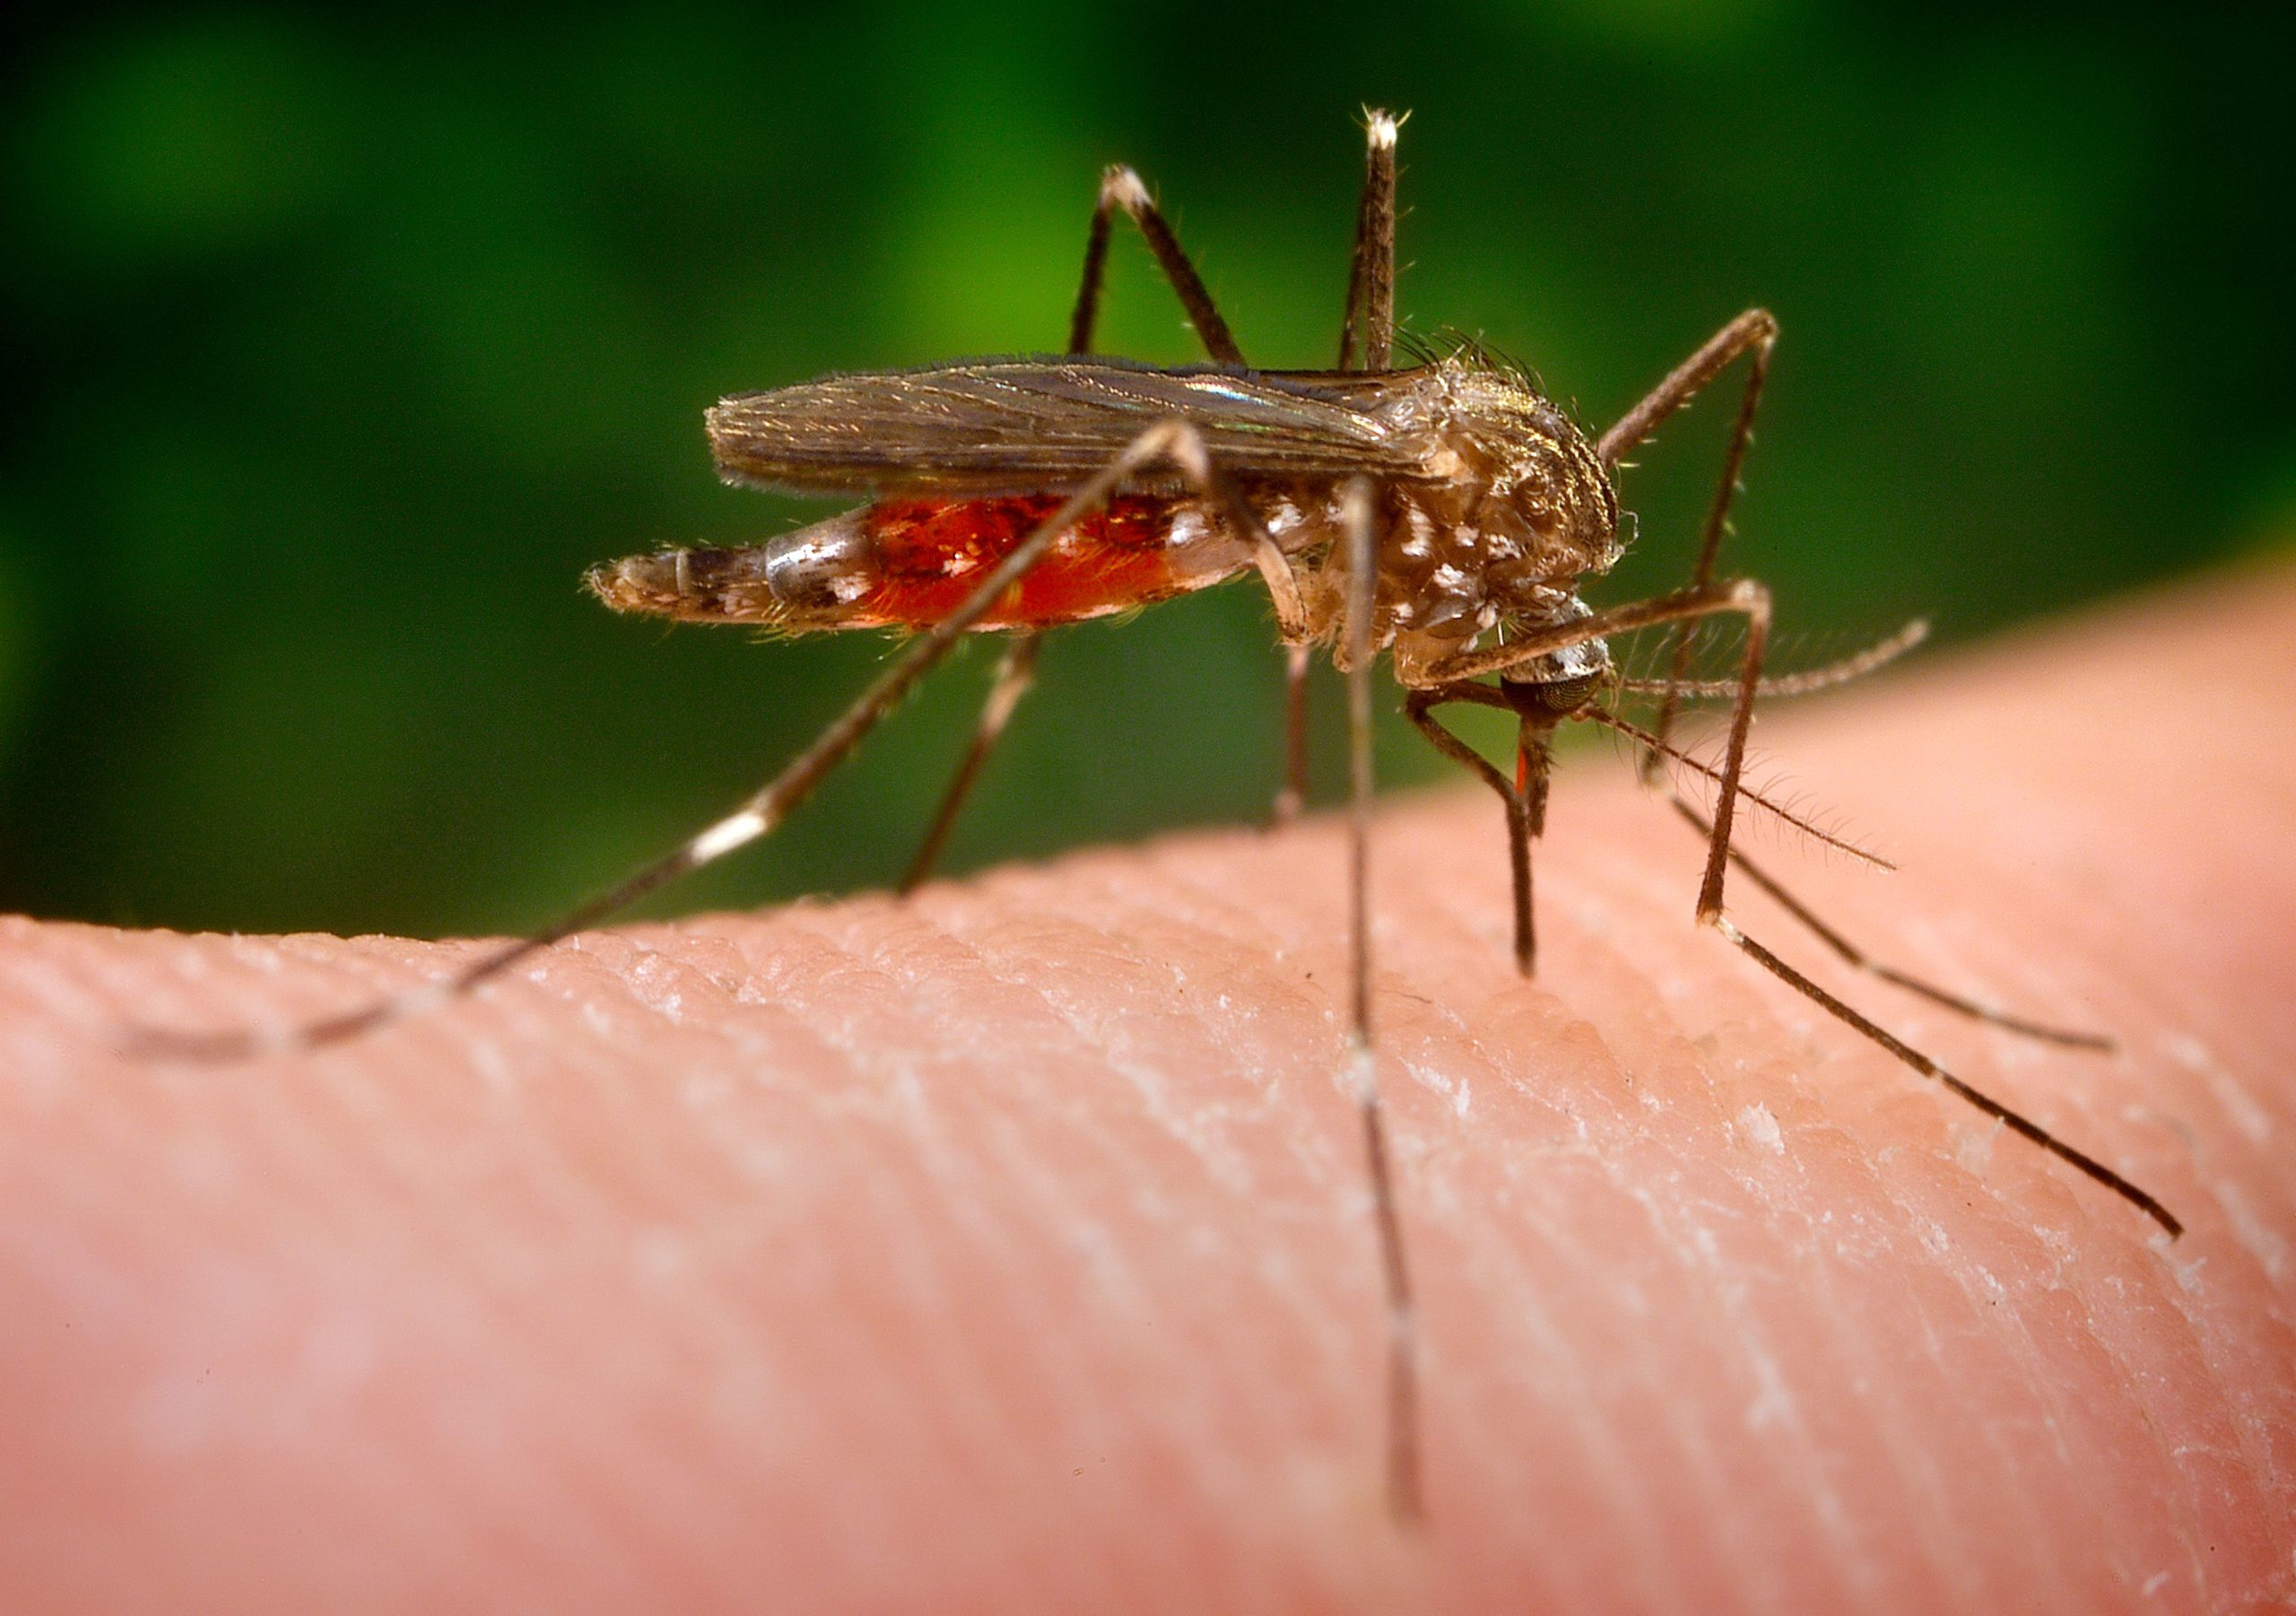 Una nueva especie de mosquito llega a España: ¿es tan peligrosa como dicen?